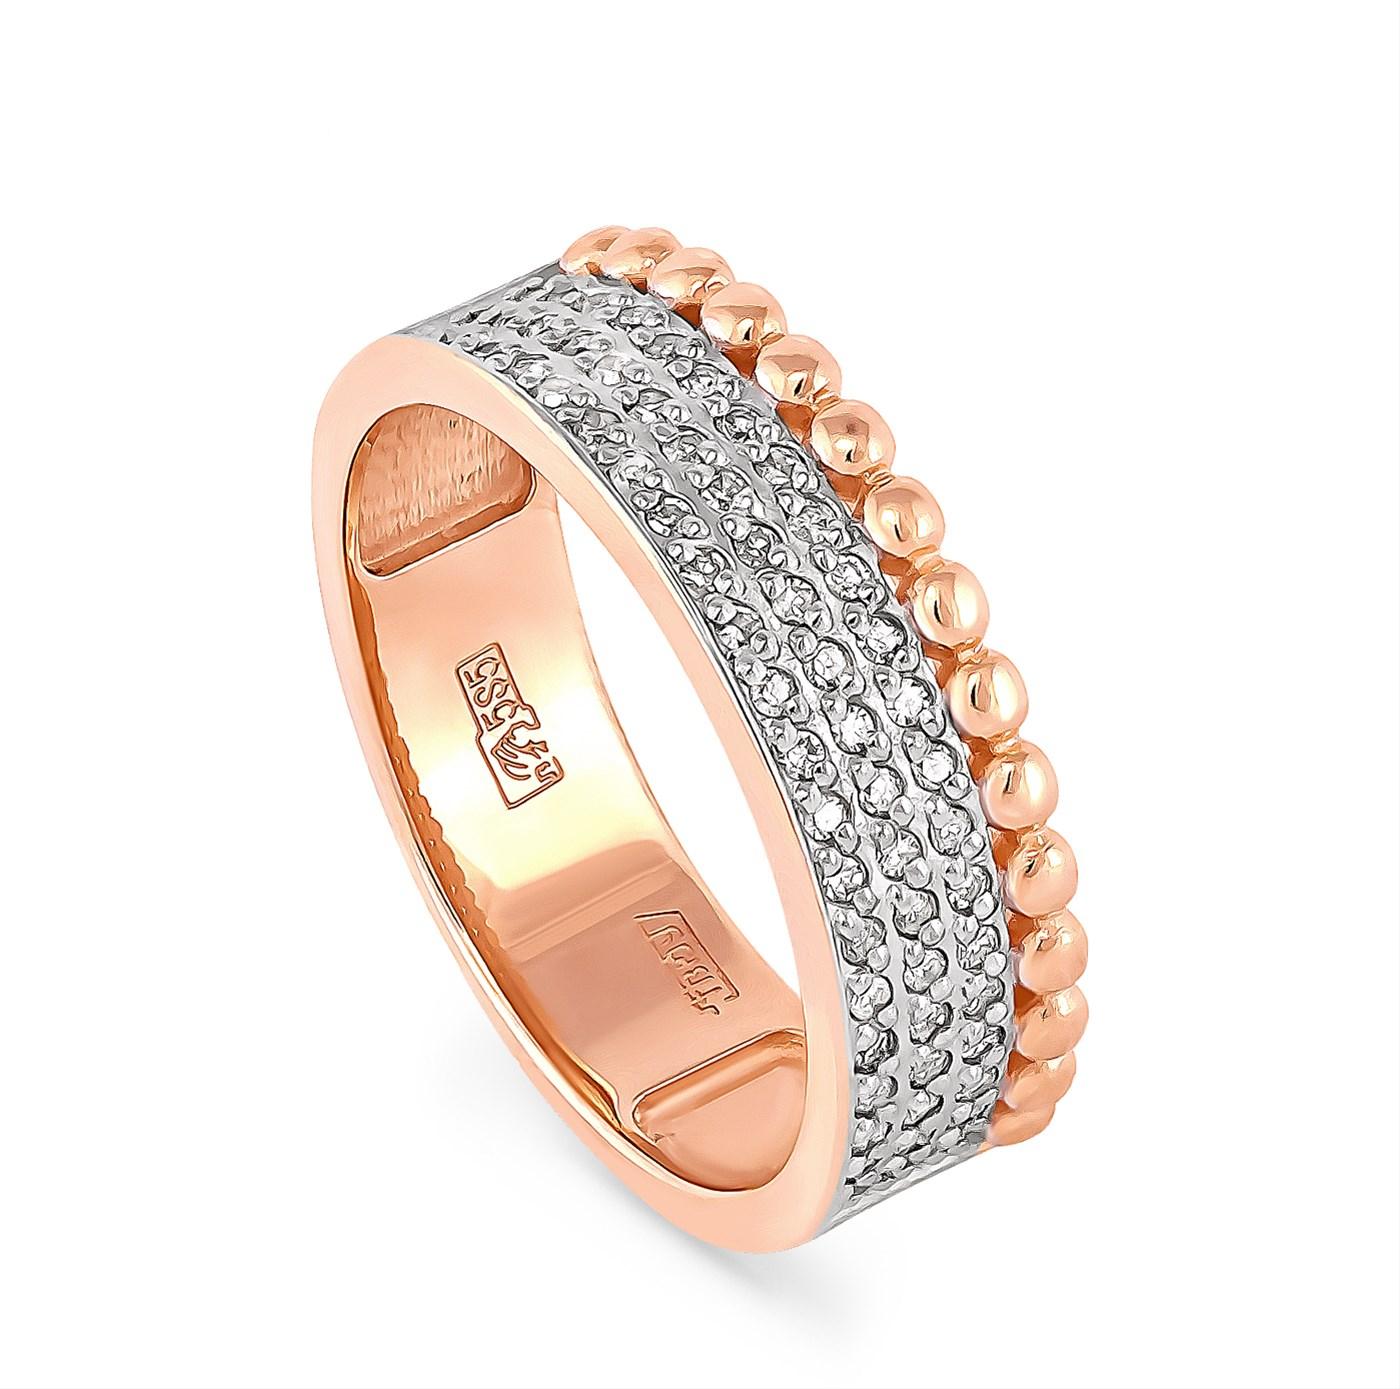 Обручальное кольцо из золота с бриллиантом арт. 1-0431-1000 1-0431-1000